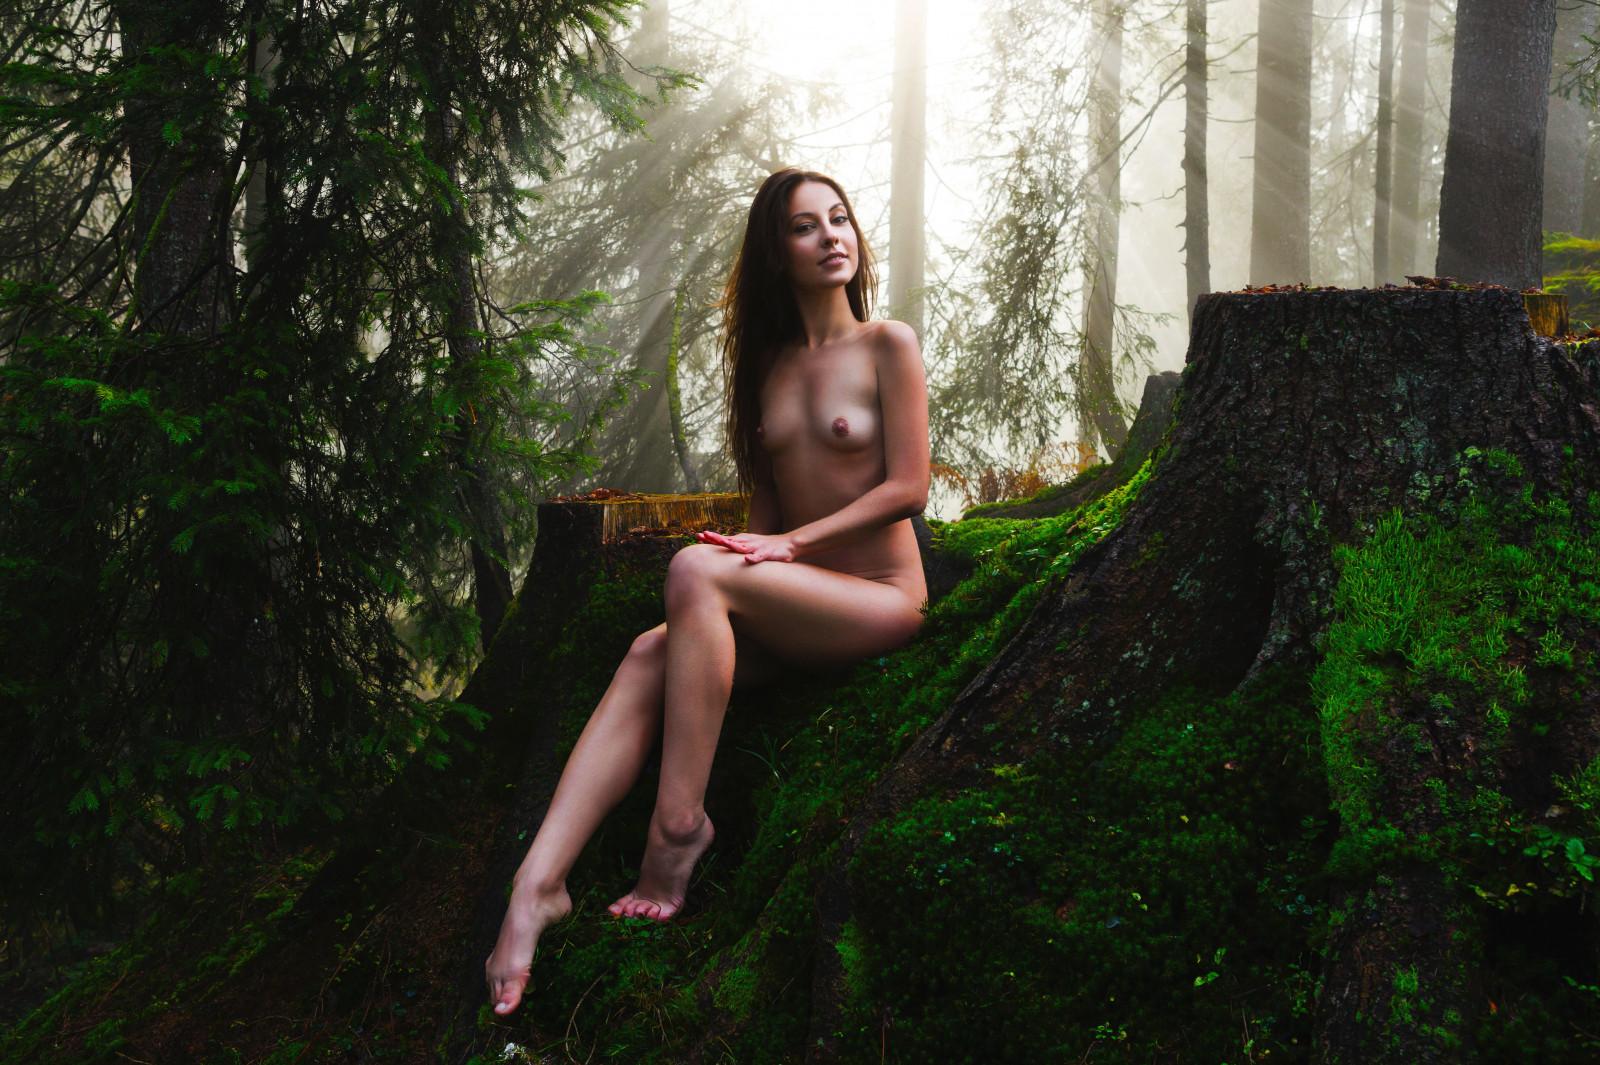 zadirayut-erotika-foto-v-lesu-dlya